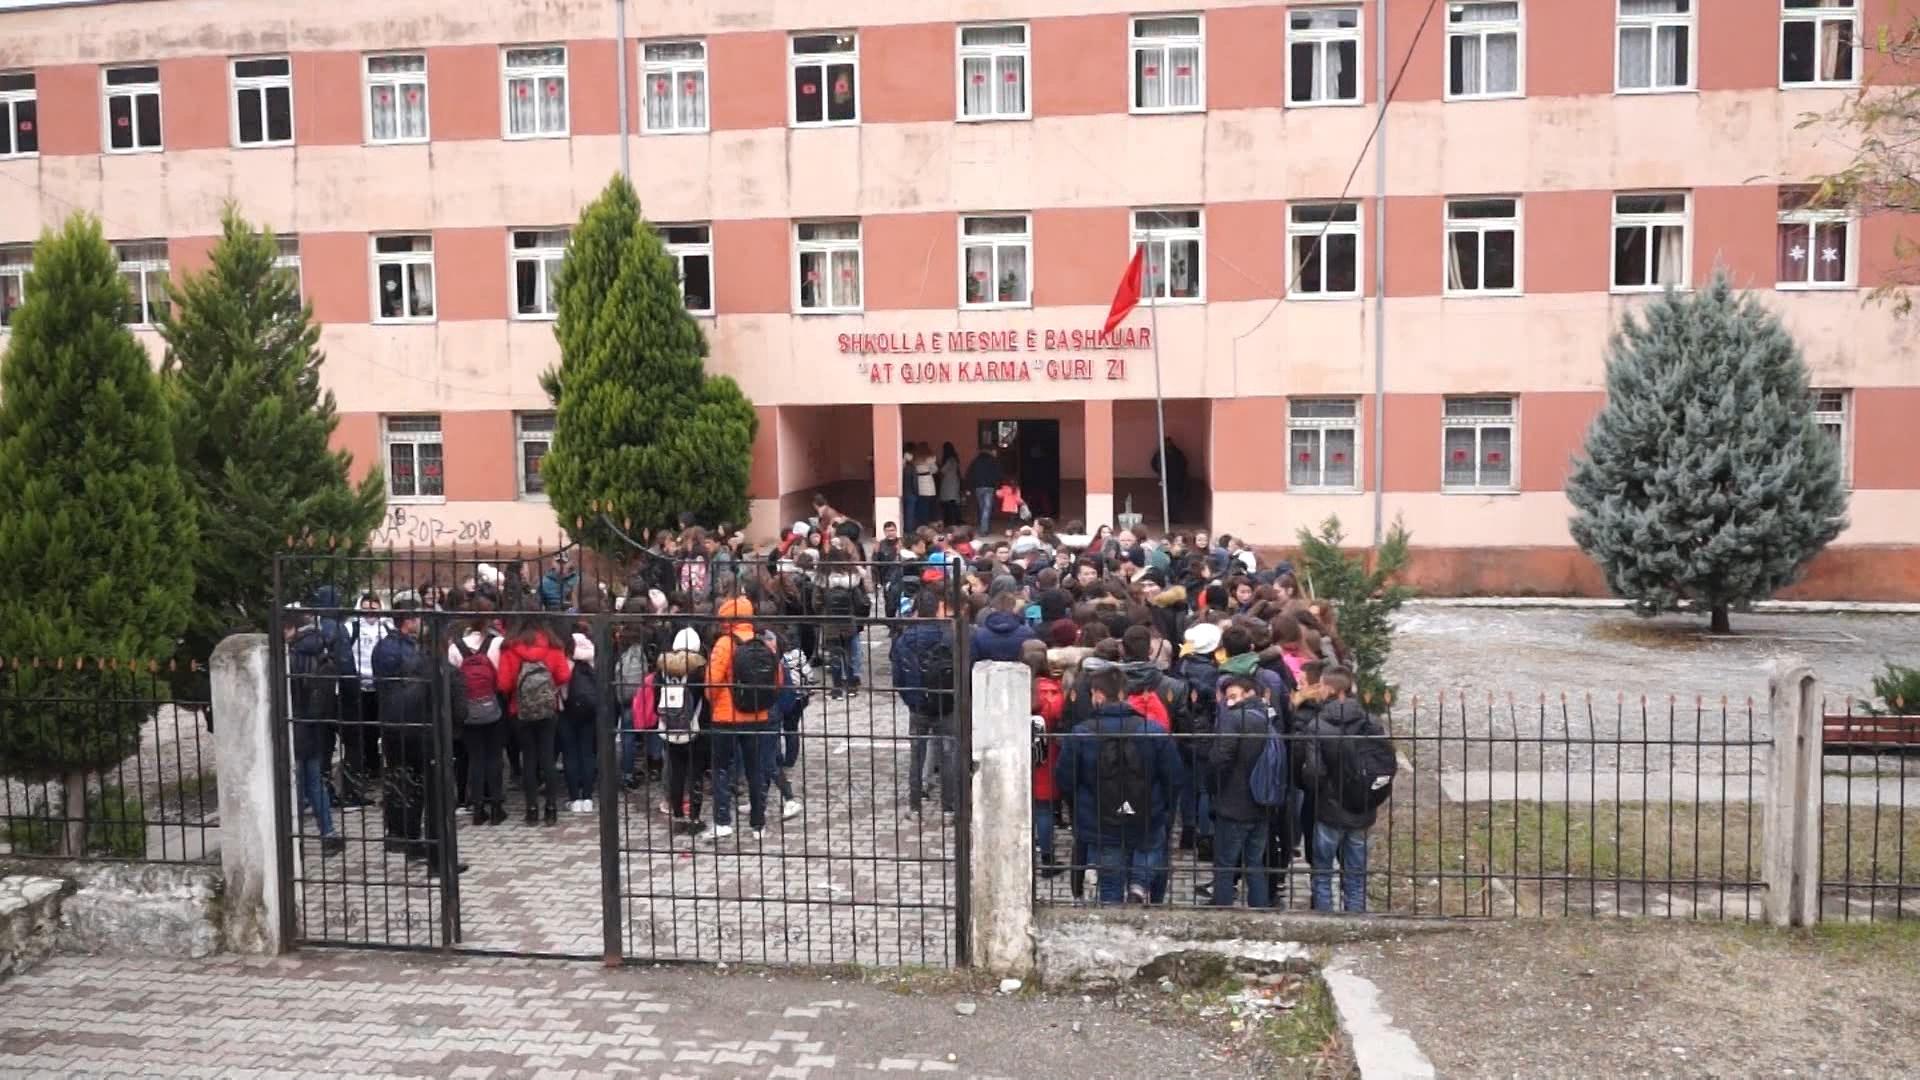 """Gjimnazi """"At Gjon Karma"""" në Shkodër proteston për mungesën e kushteve"""